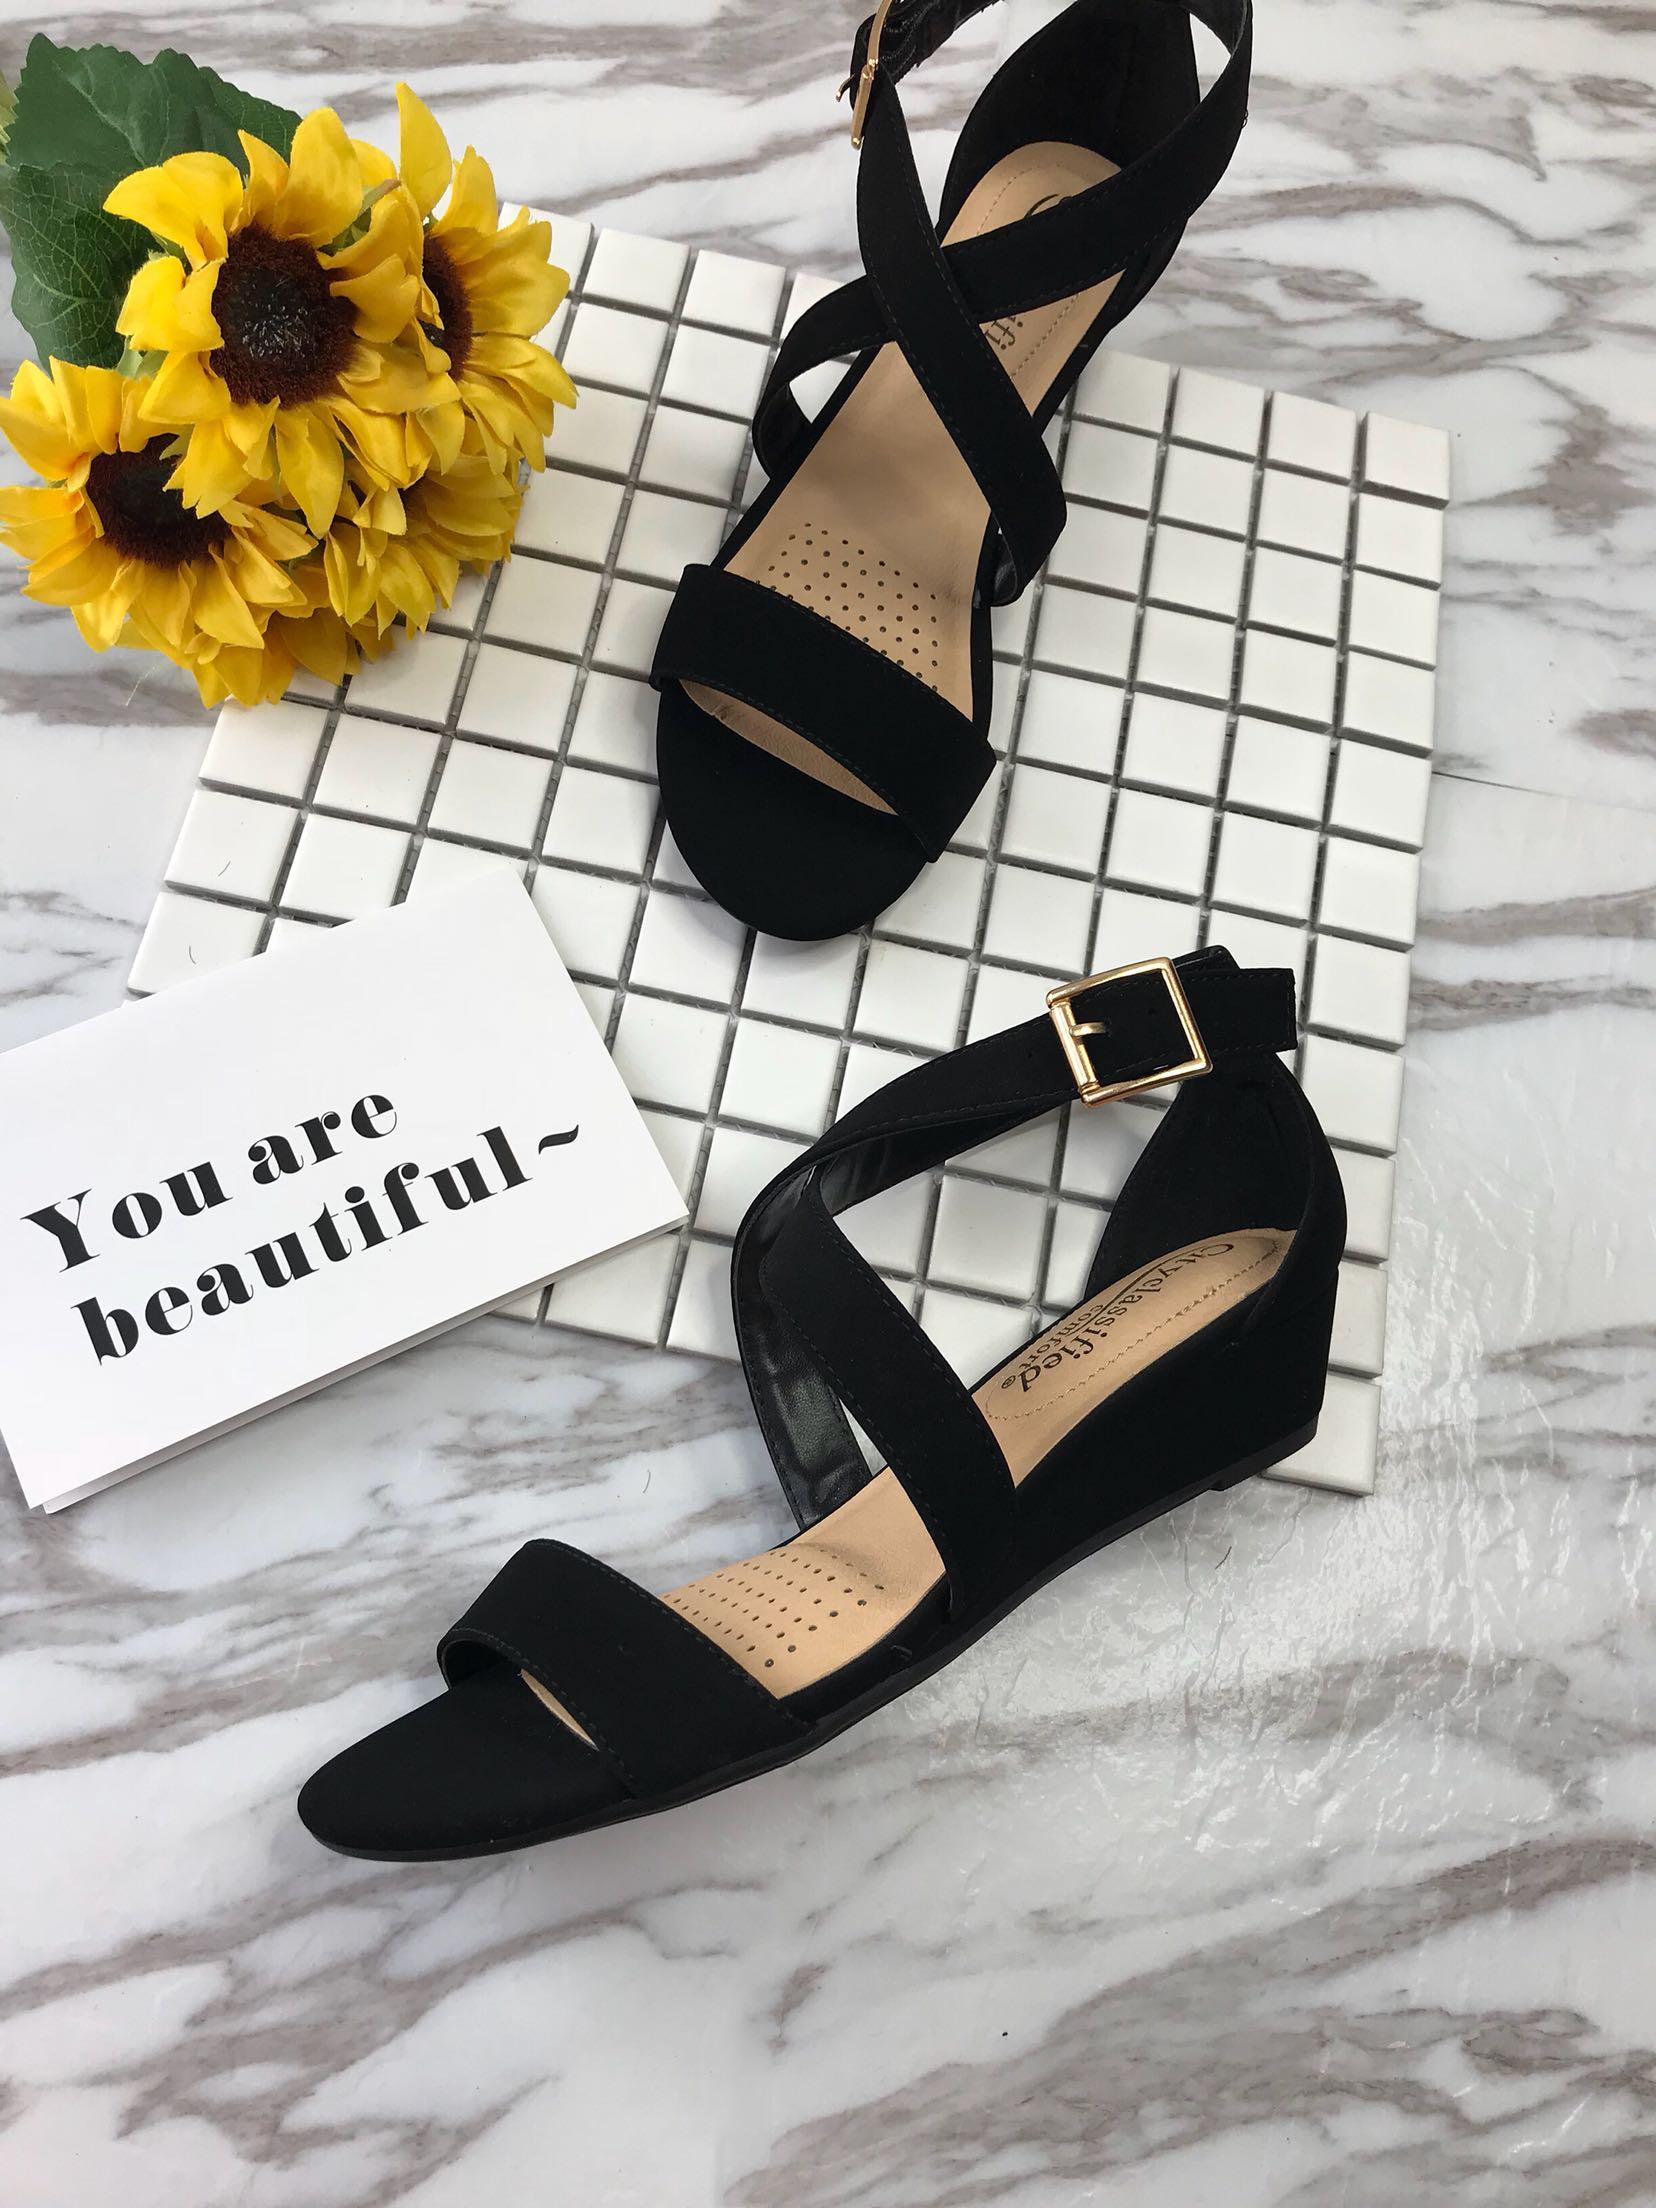 夏季外贸新品舒适平底磨砂漆皮黑色女士一字带交叉露趾中跟凉鞋96